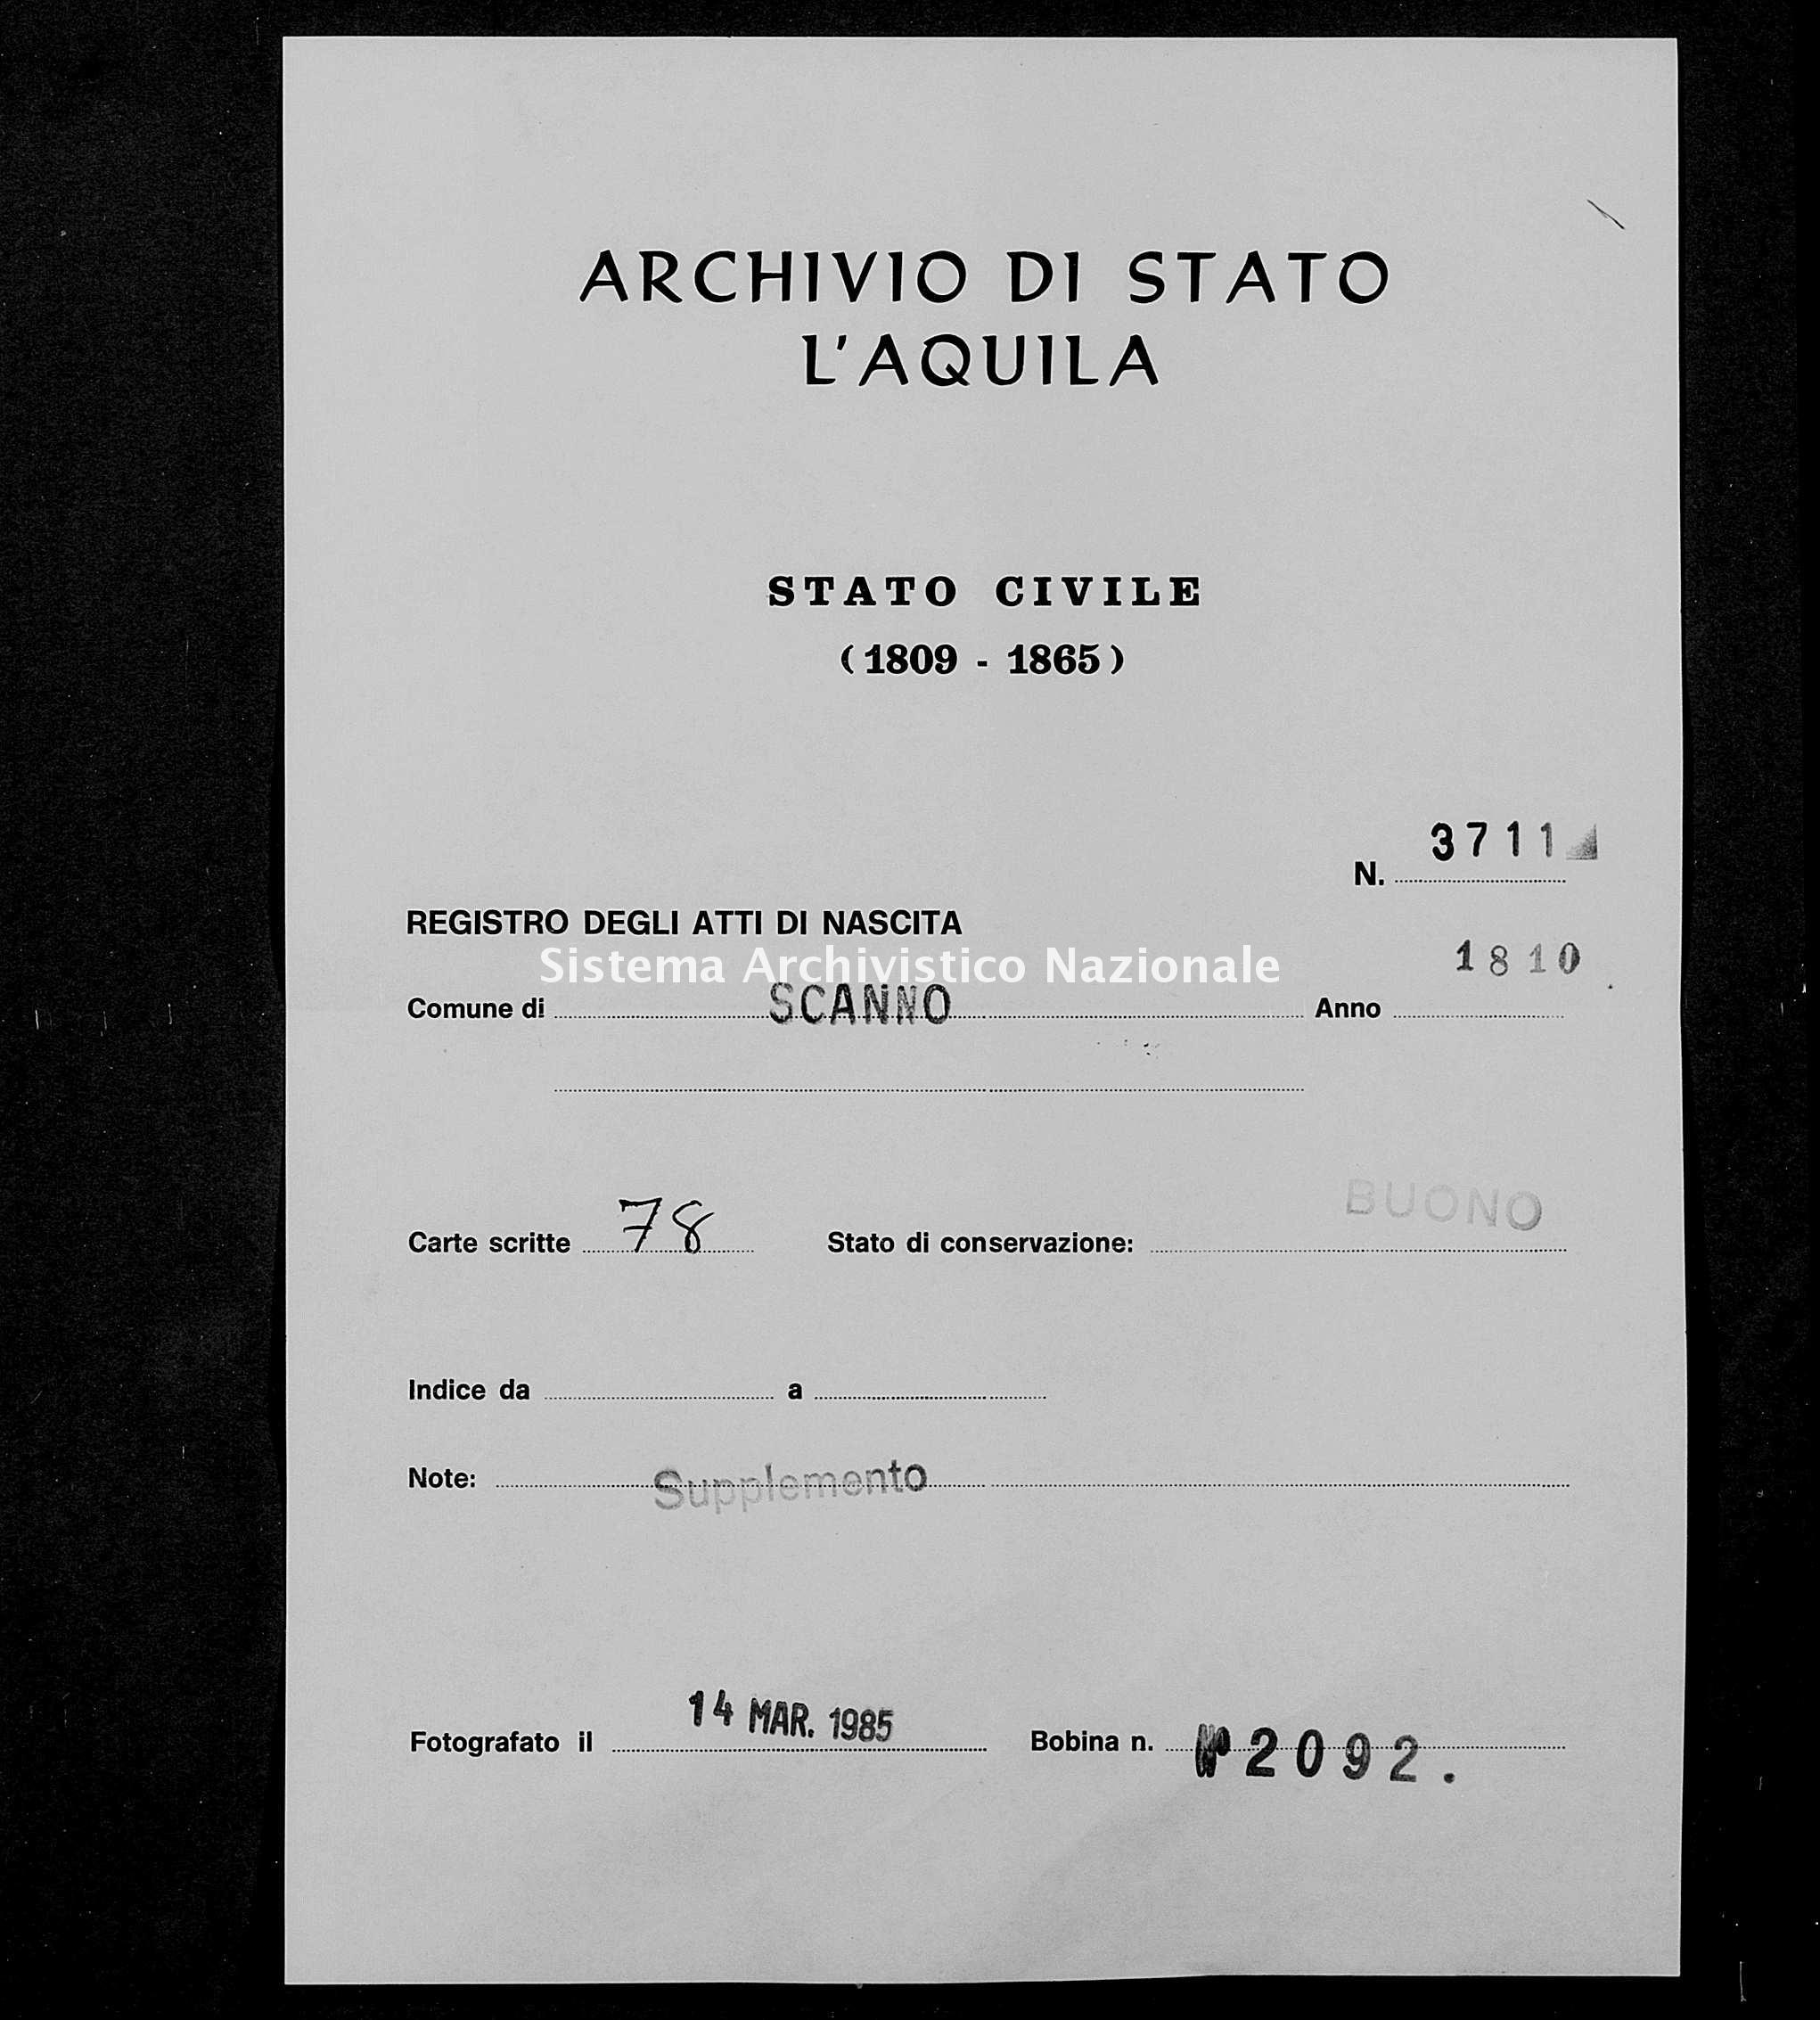 Archivio di stato di L'aquila - Stato civile napoleonico - Scanno - Nati, dichiarazioni - 1810 - 3711 -